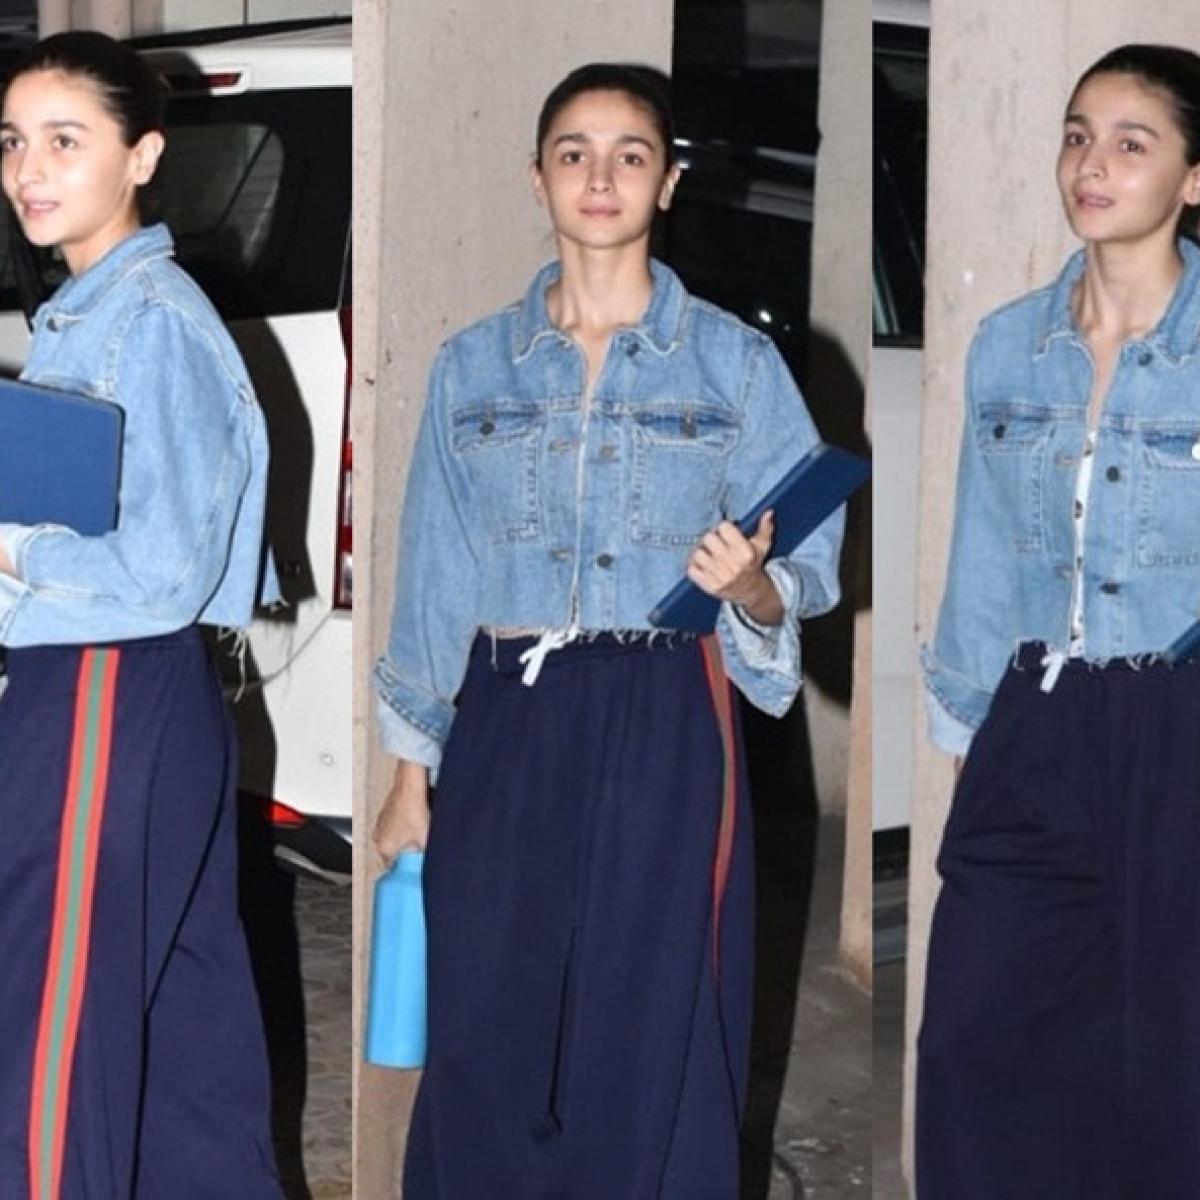 Joker in Mumbai? No wait it's Alia Bhatt and her weird pants